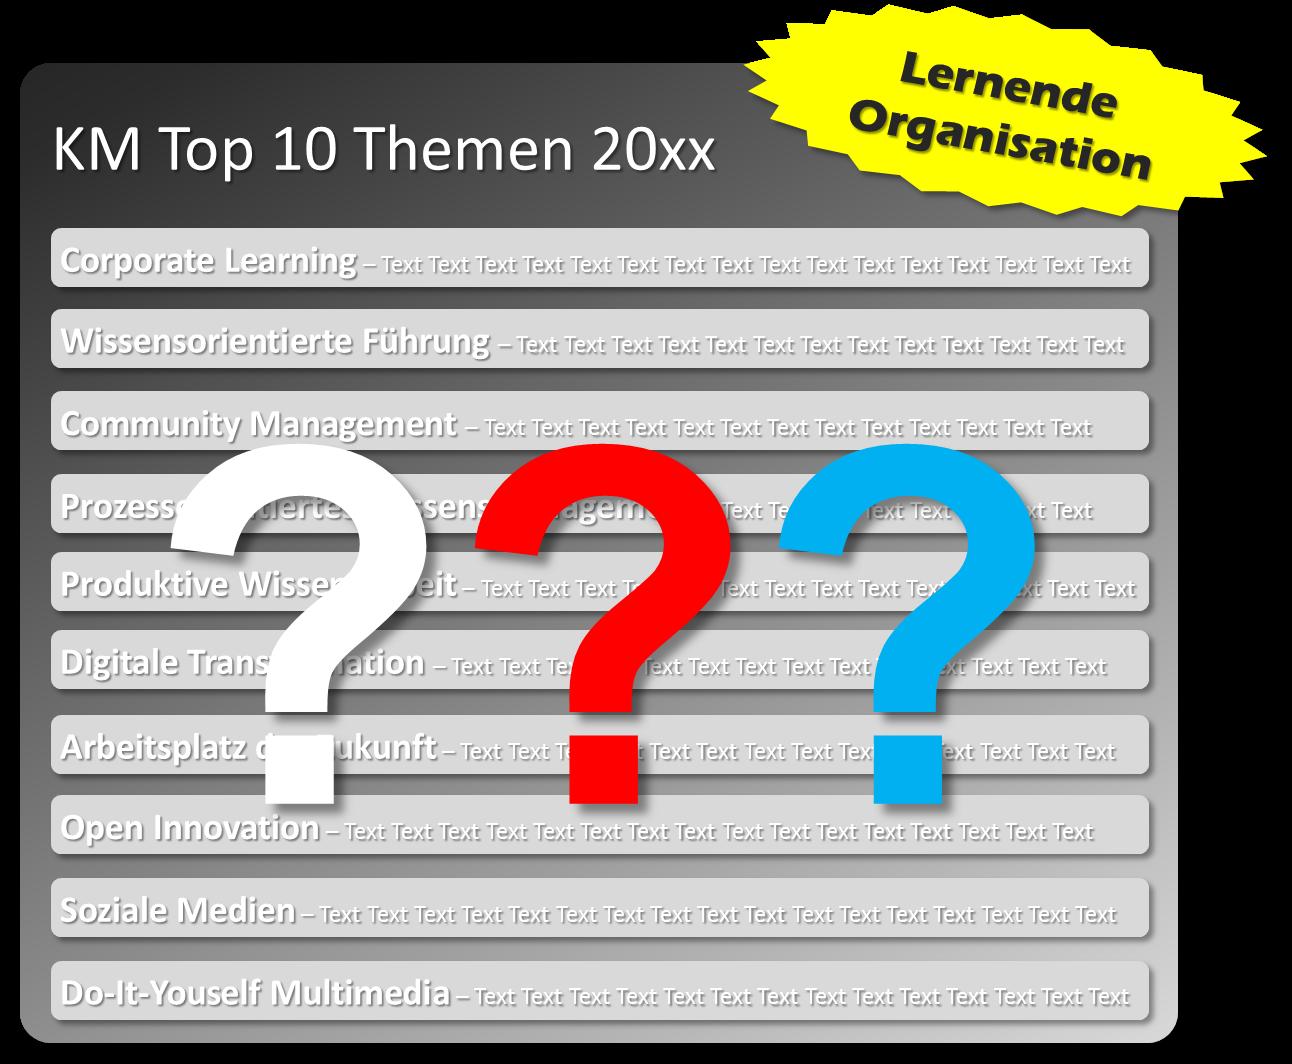 top-10-themen-20xx-suche